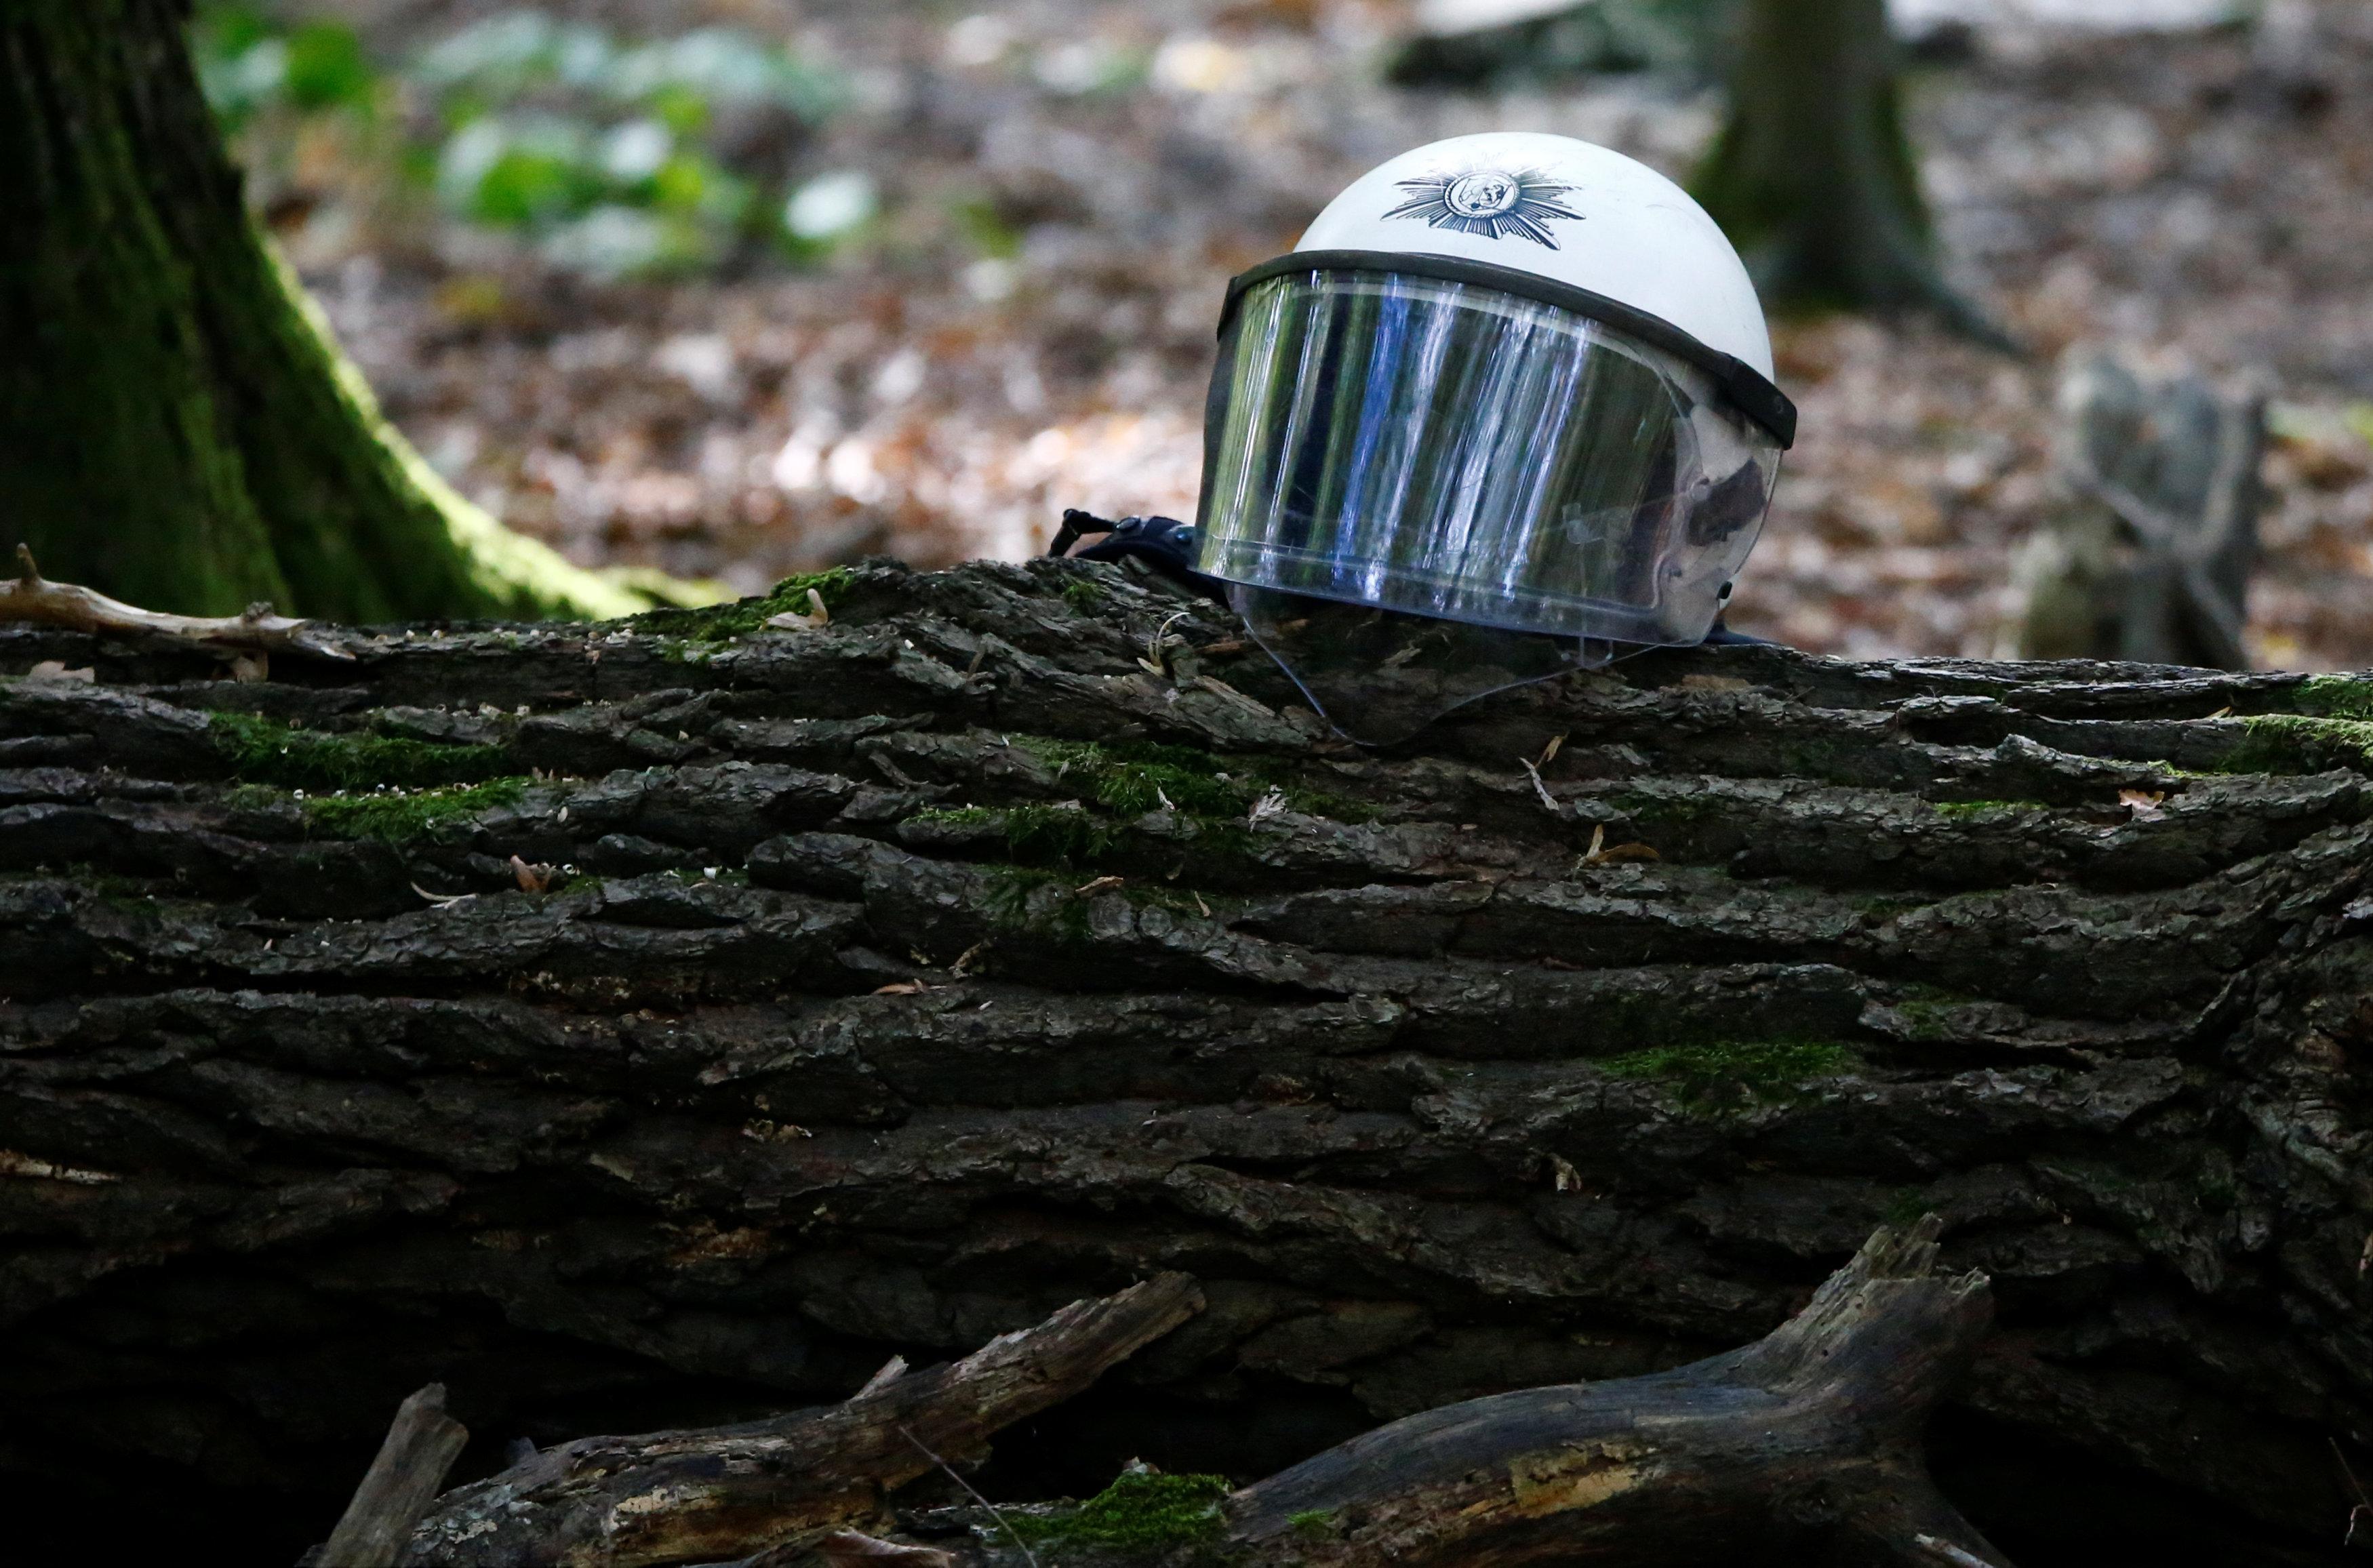 قبعة أحد رجال البوليس الألمانى على أحد أشجار الغابة